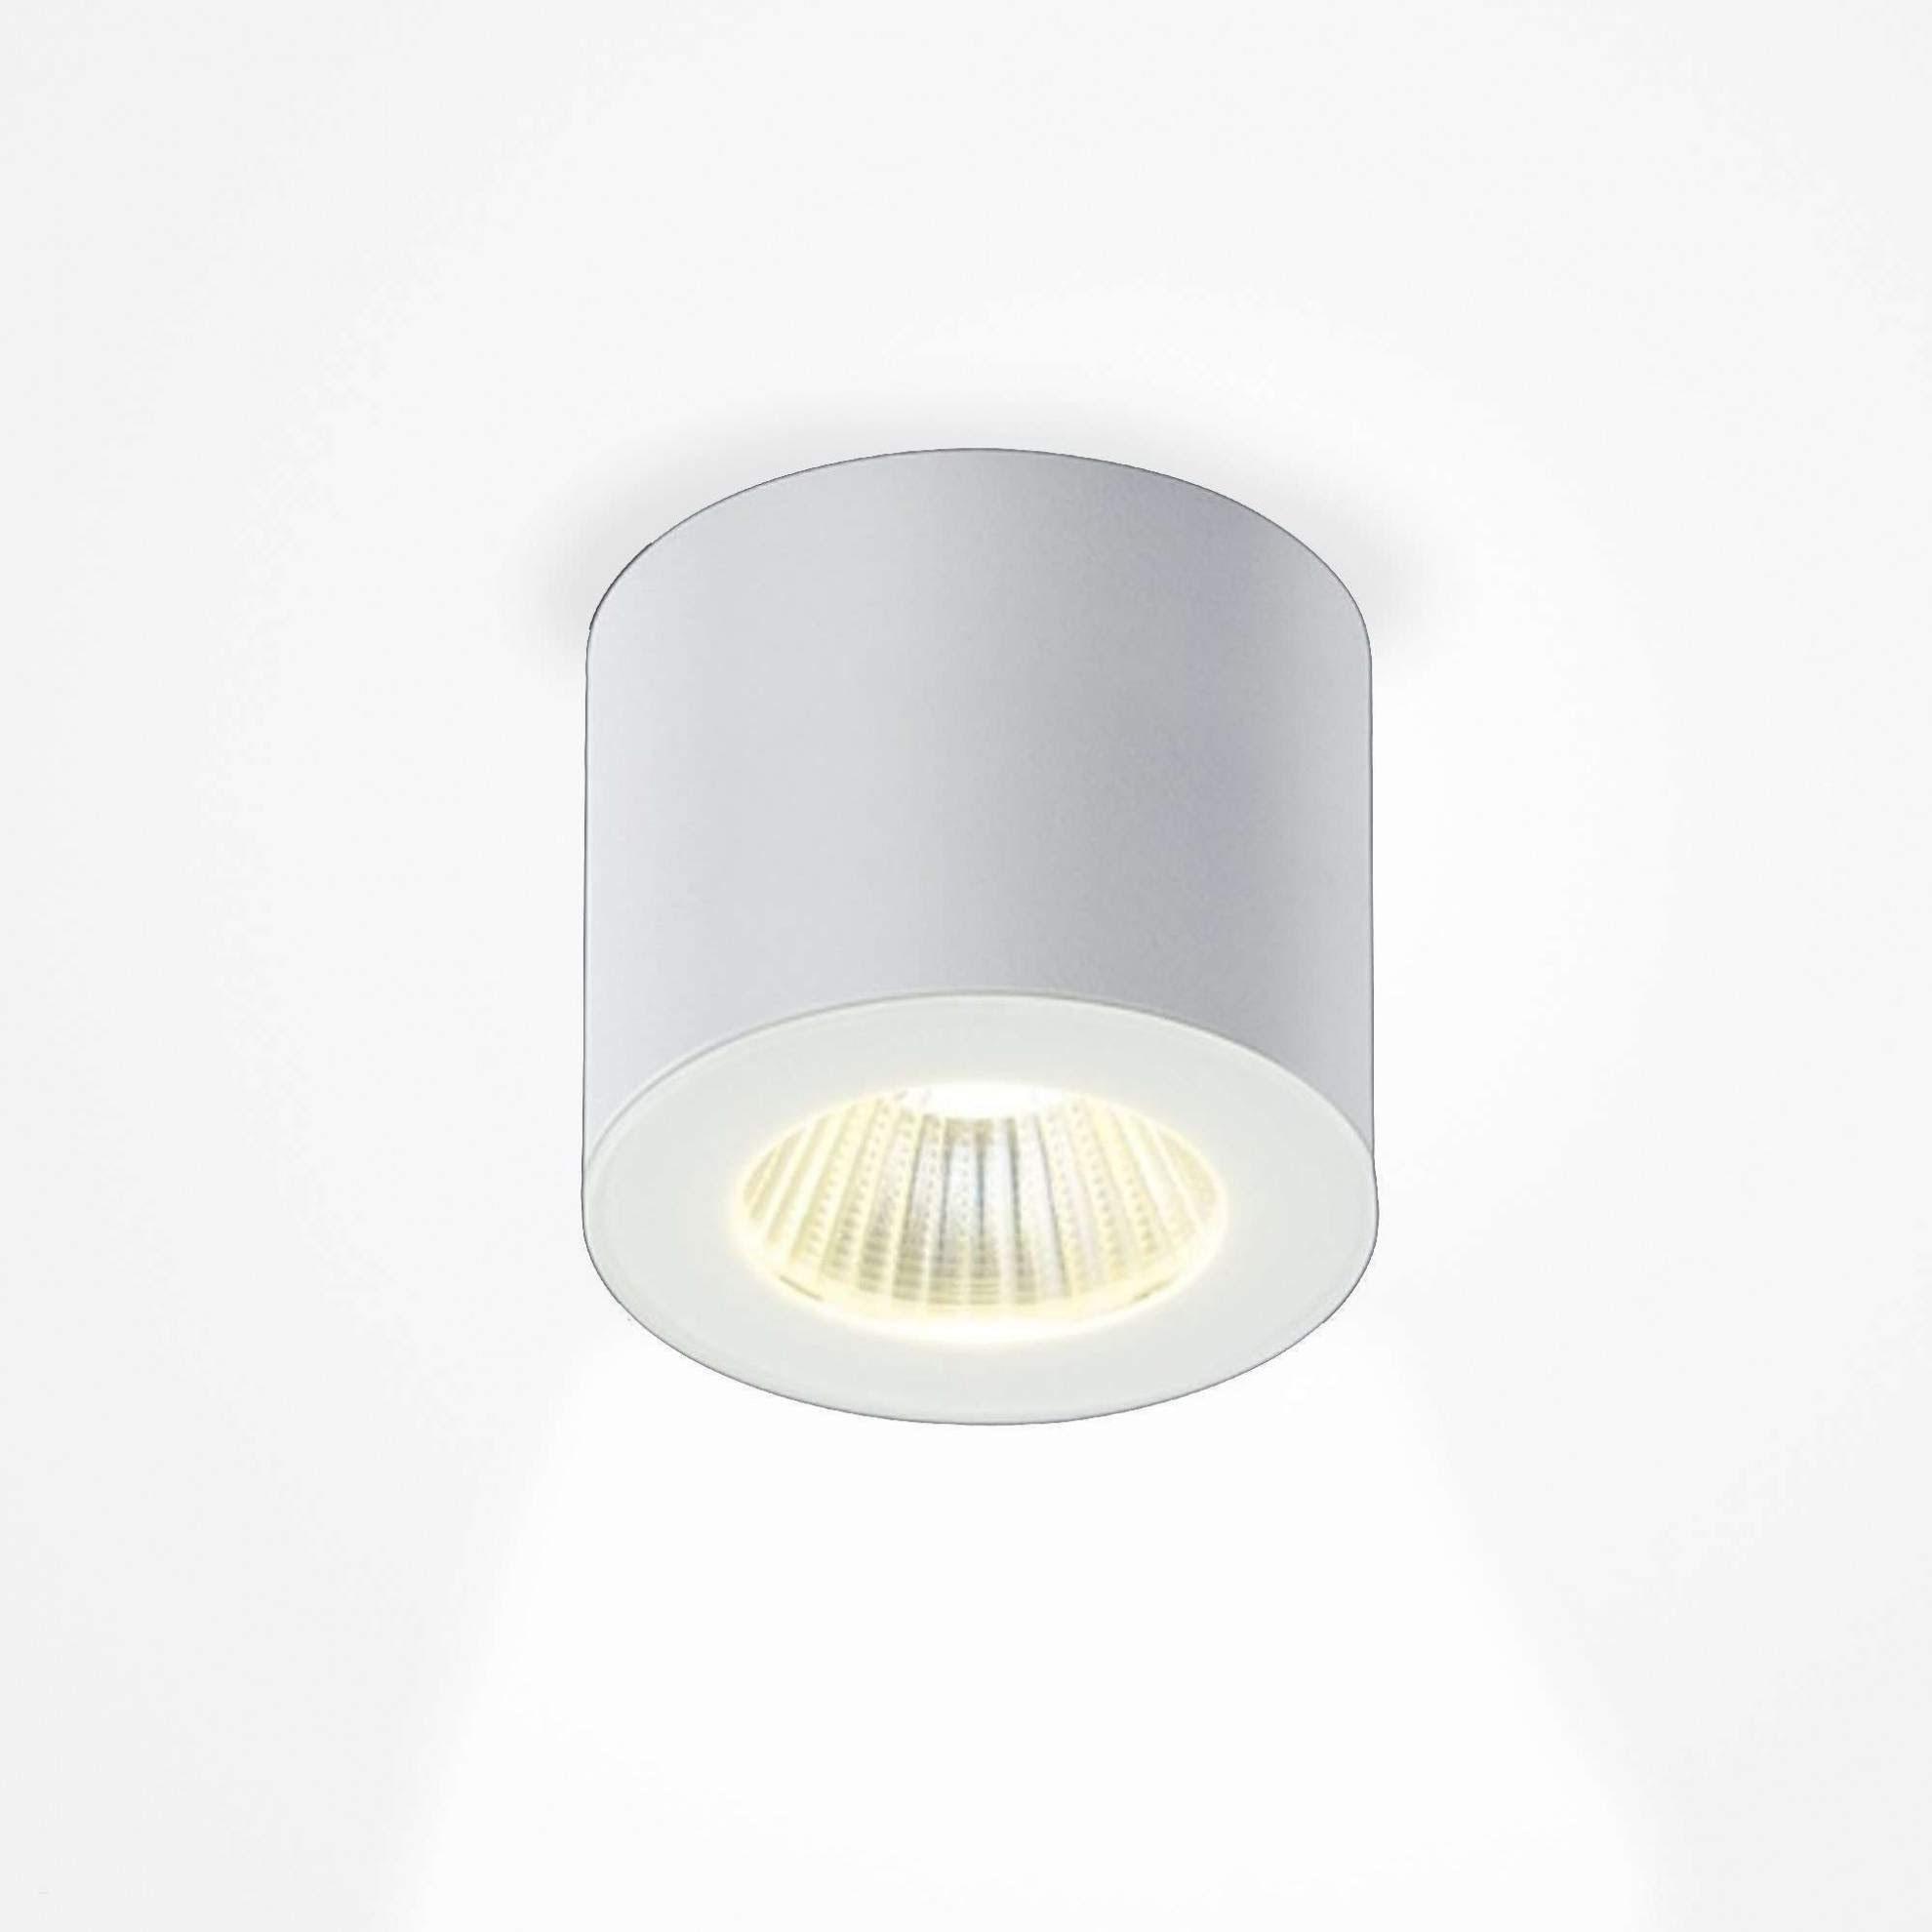 Lampe Schlafzimmer Ikea Deckenleuchte E27 Deckenlampen ...